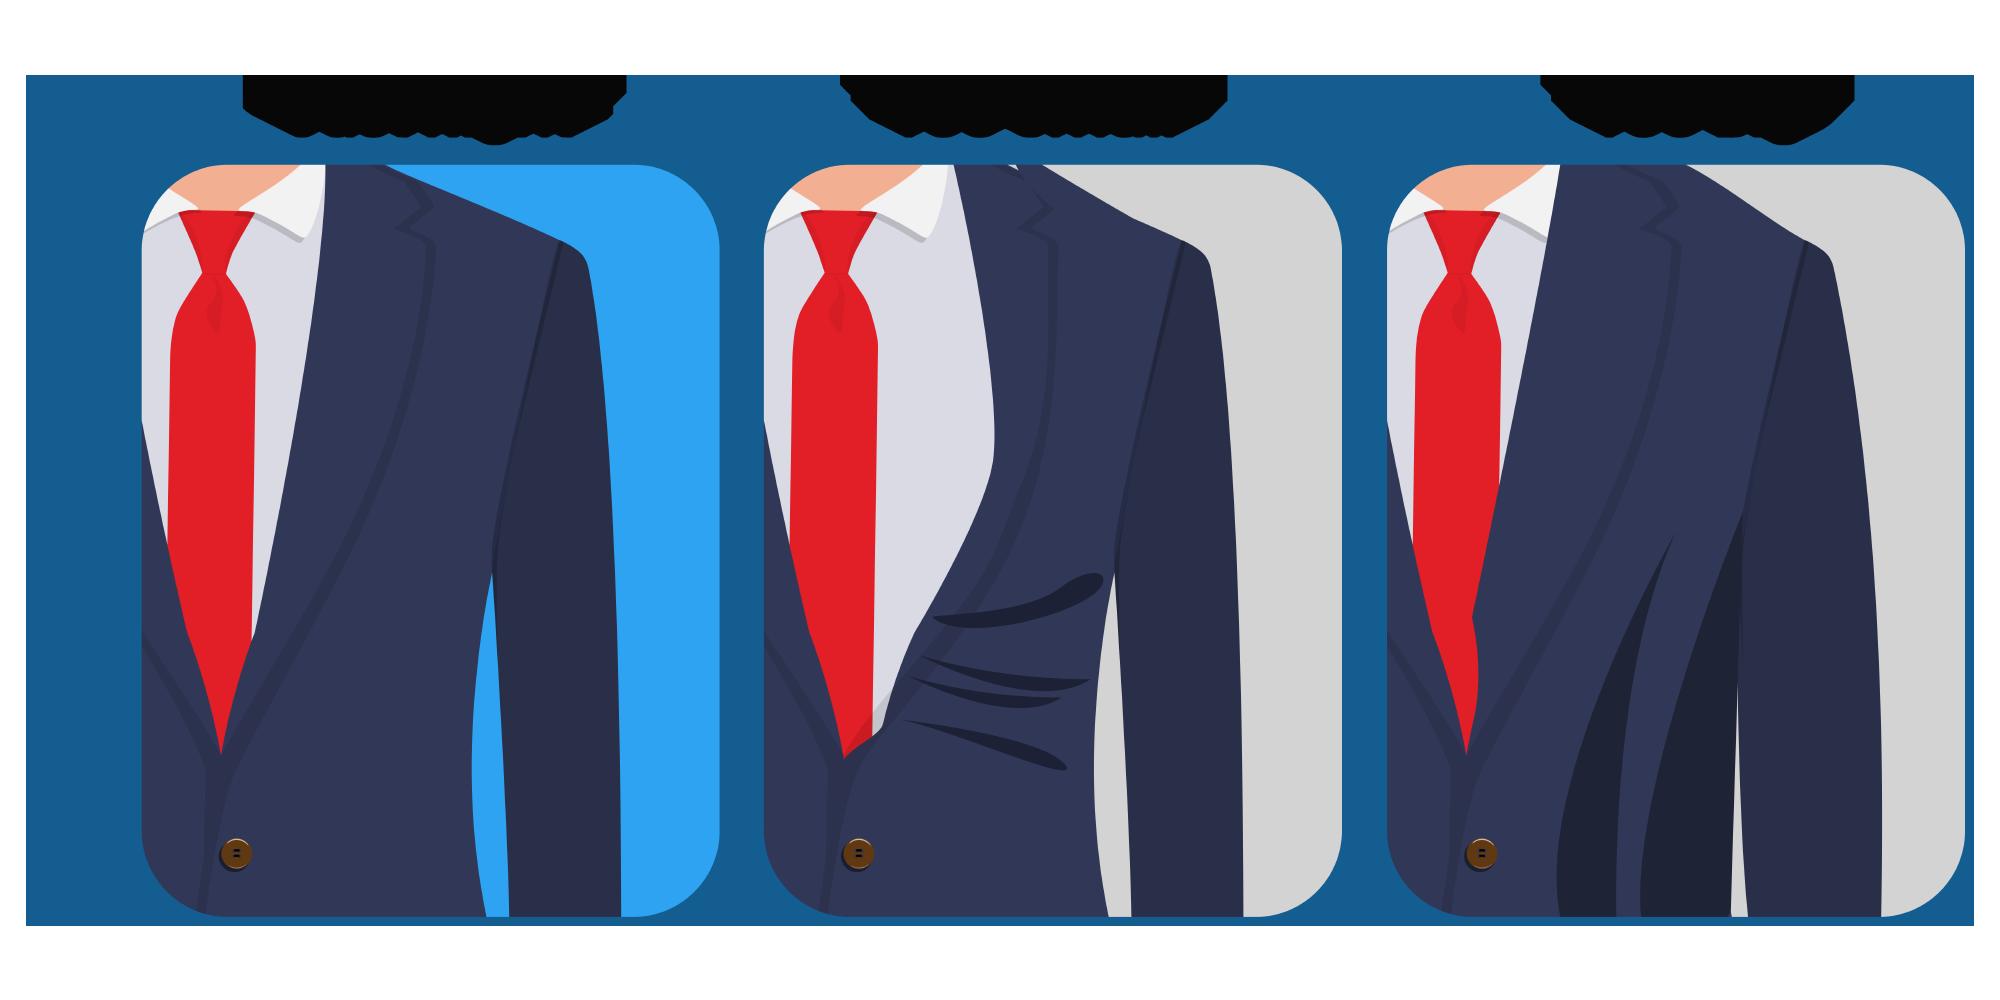 The jacket shoulder fit